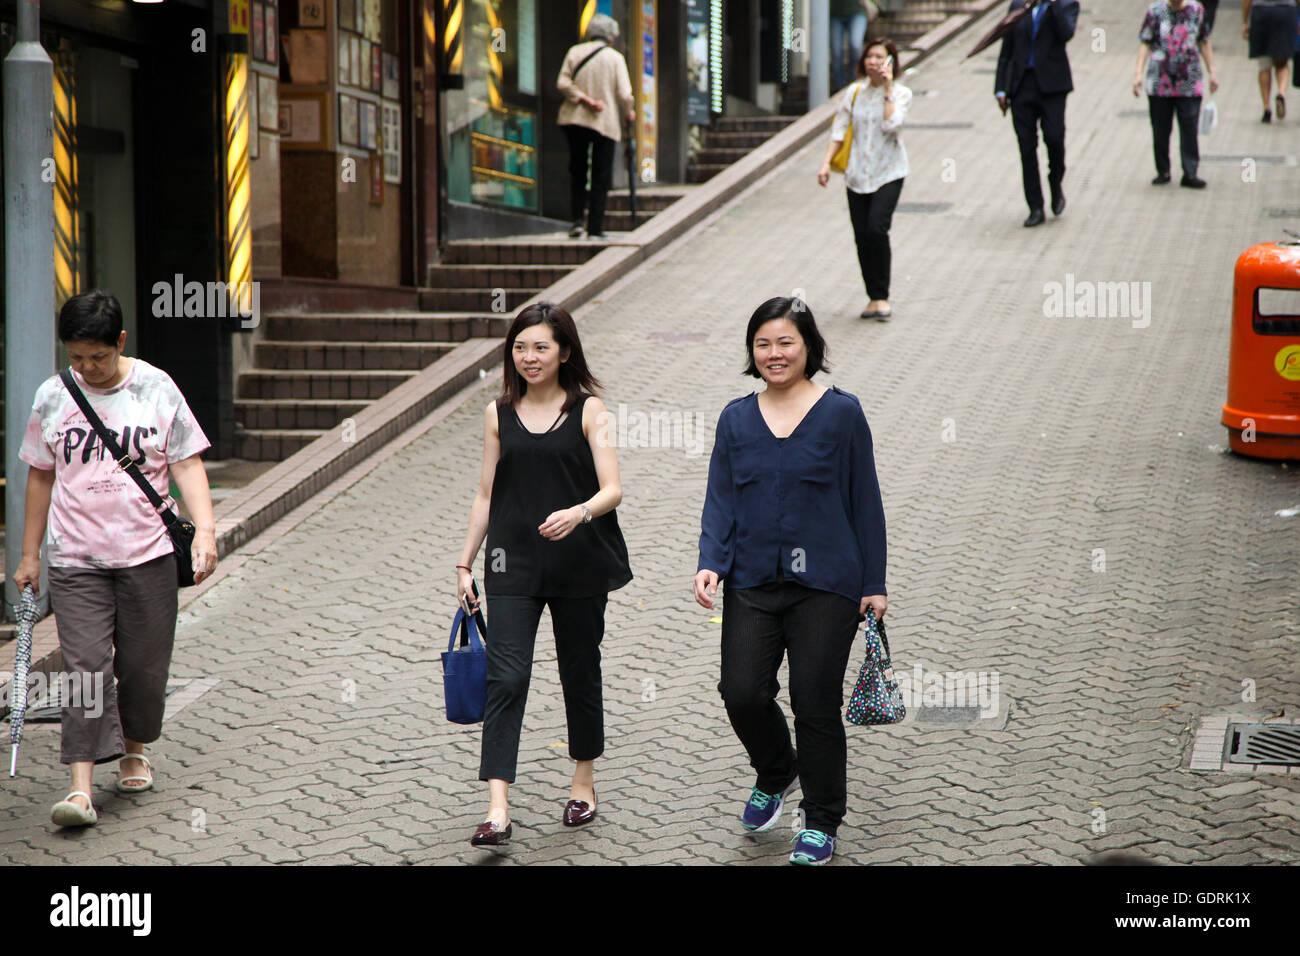 https://c8.alamy.com/comp/GDRK1X/women-walking-down-a-hong-kong-street-GDRK1X.jpg